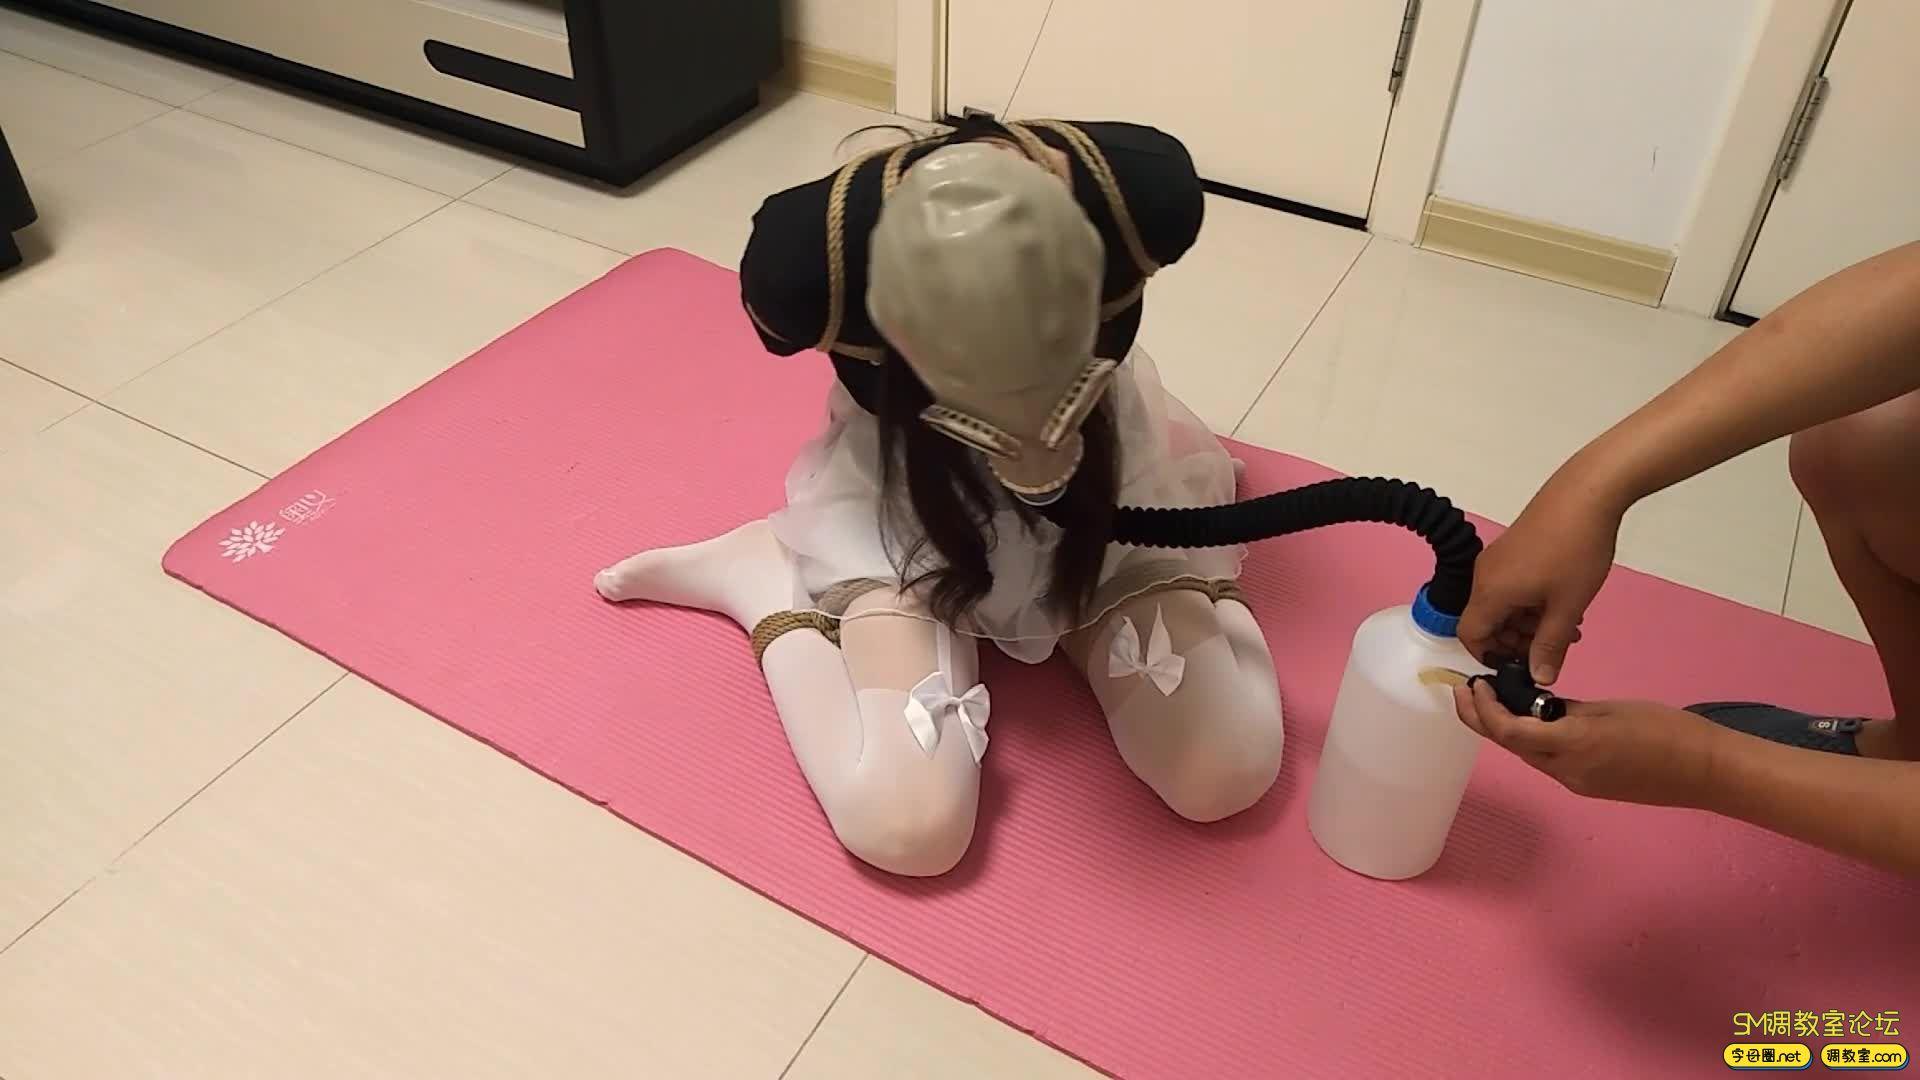 【旋律受虐记】全封闭头套+防毒面具+负压瓶 白丝驷马 M字开腿-视频截图3